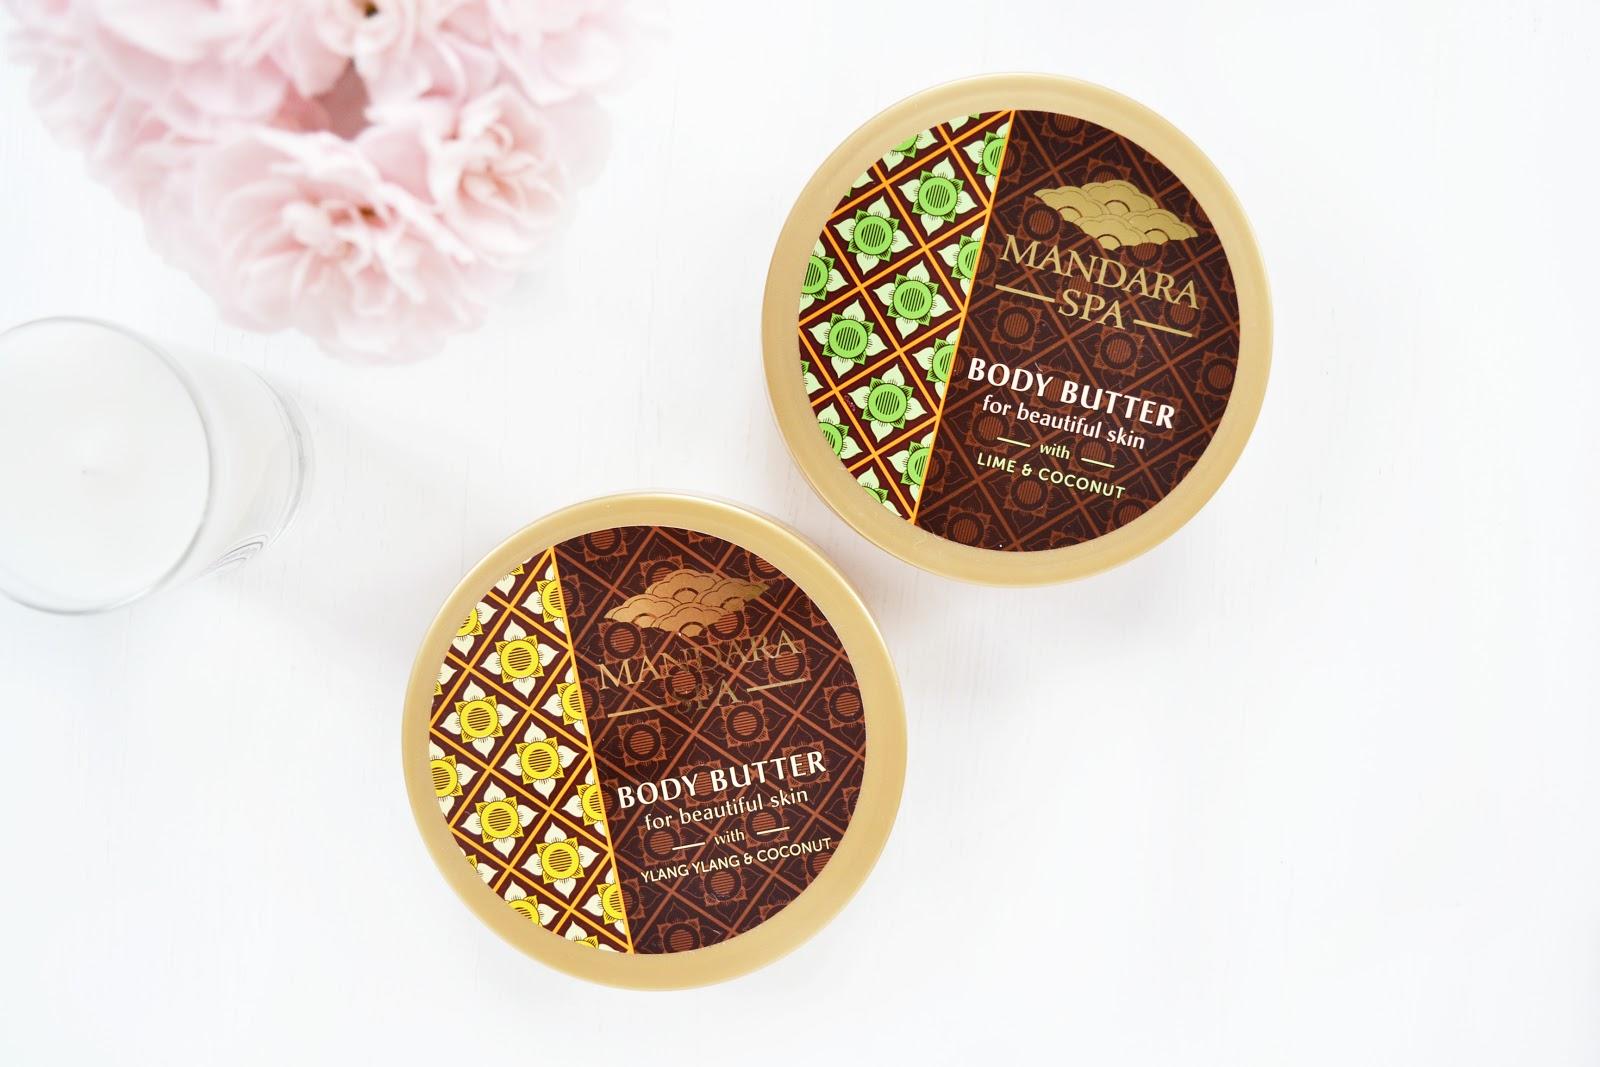 mandara body butter